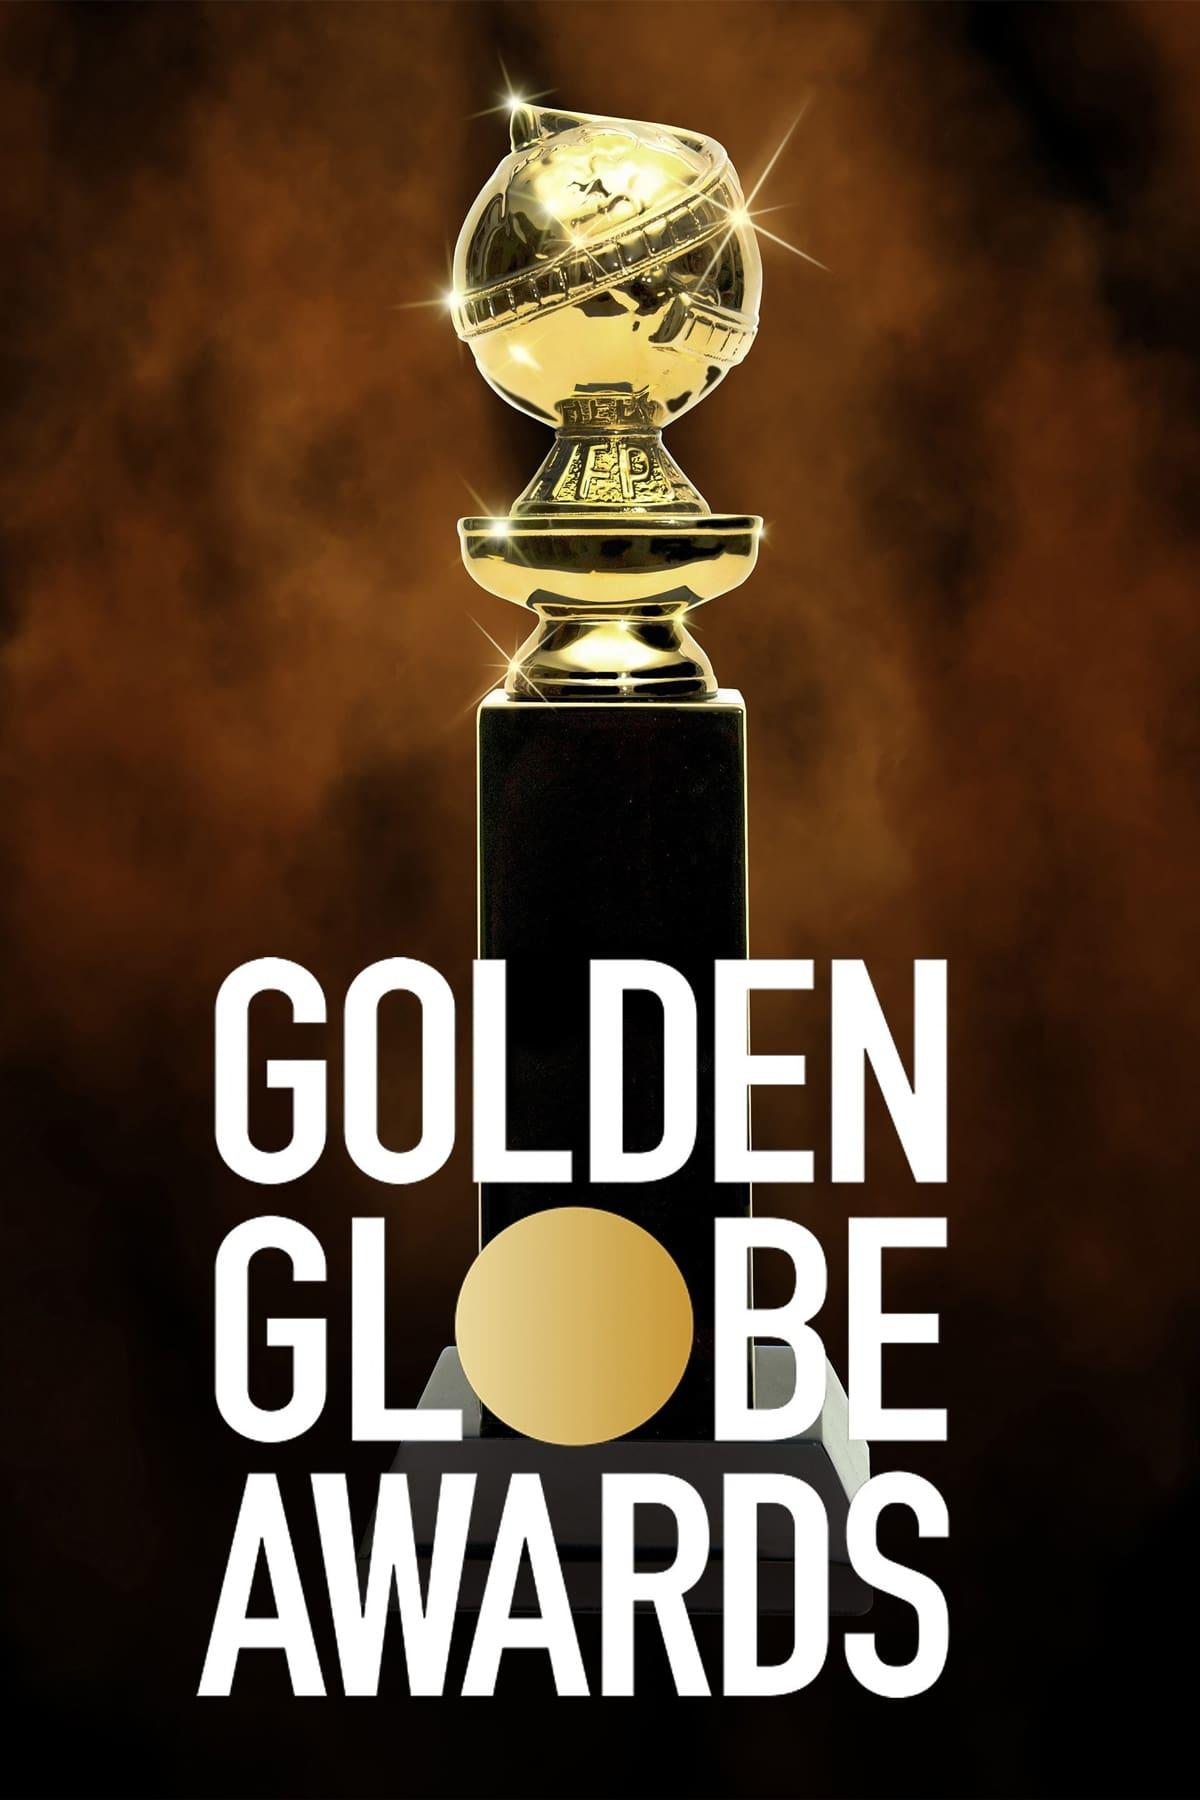 Golden Globe Awards (1944)